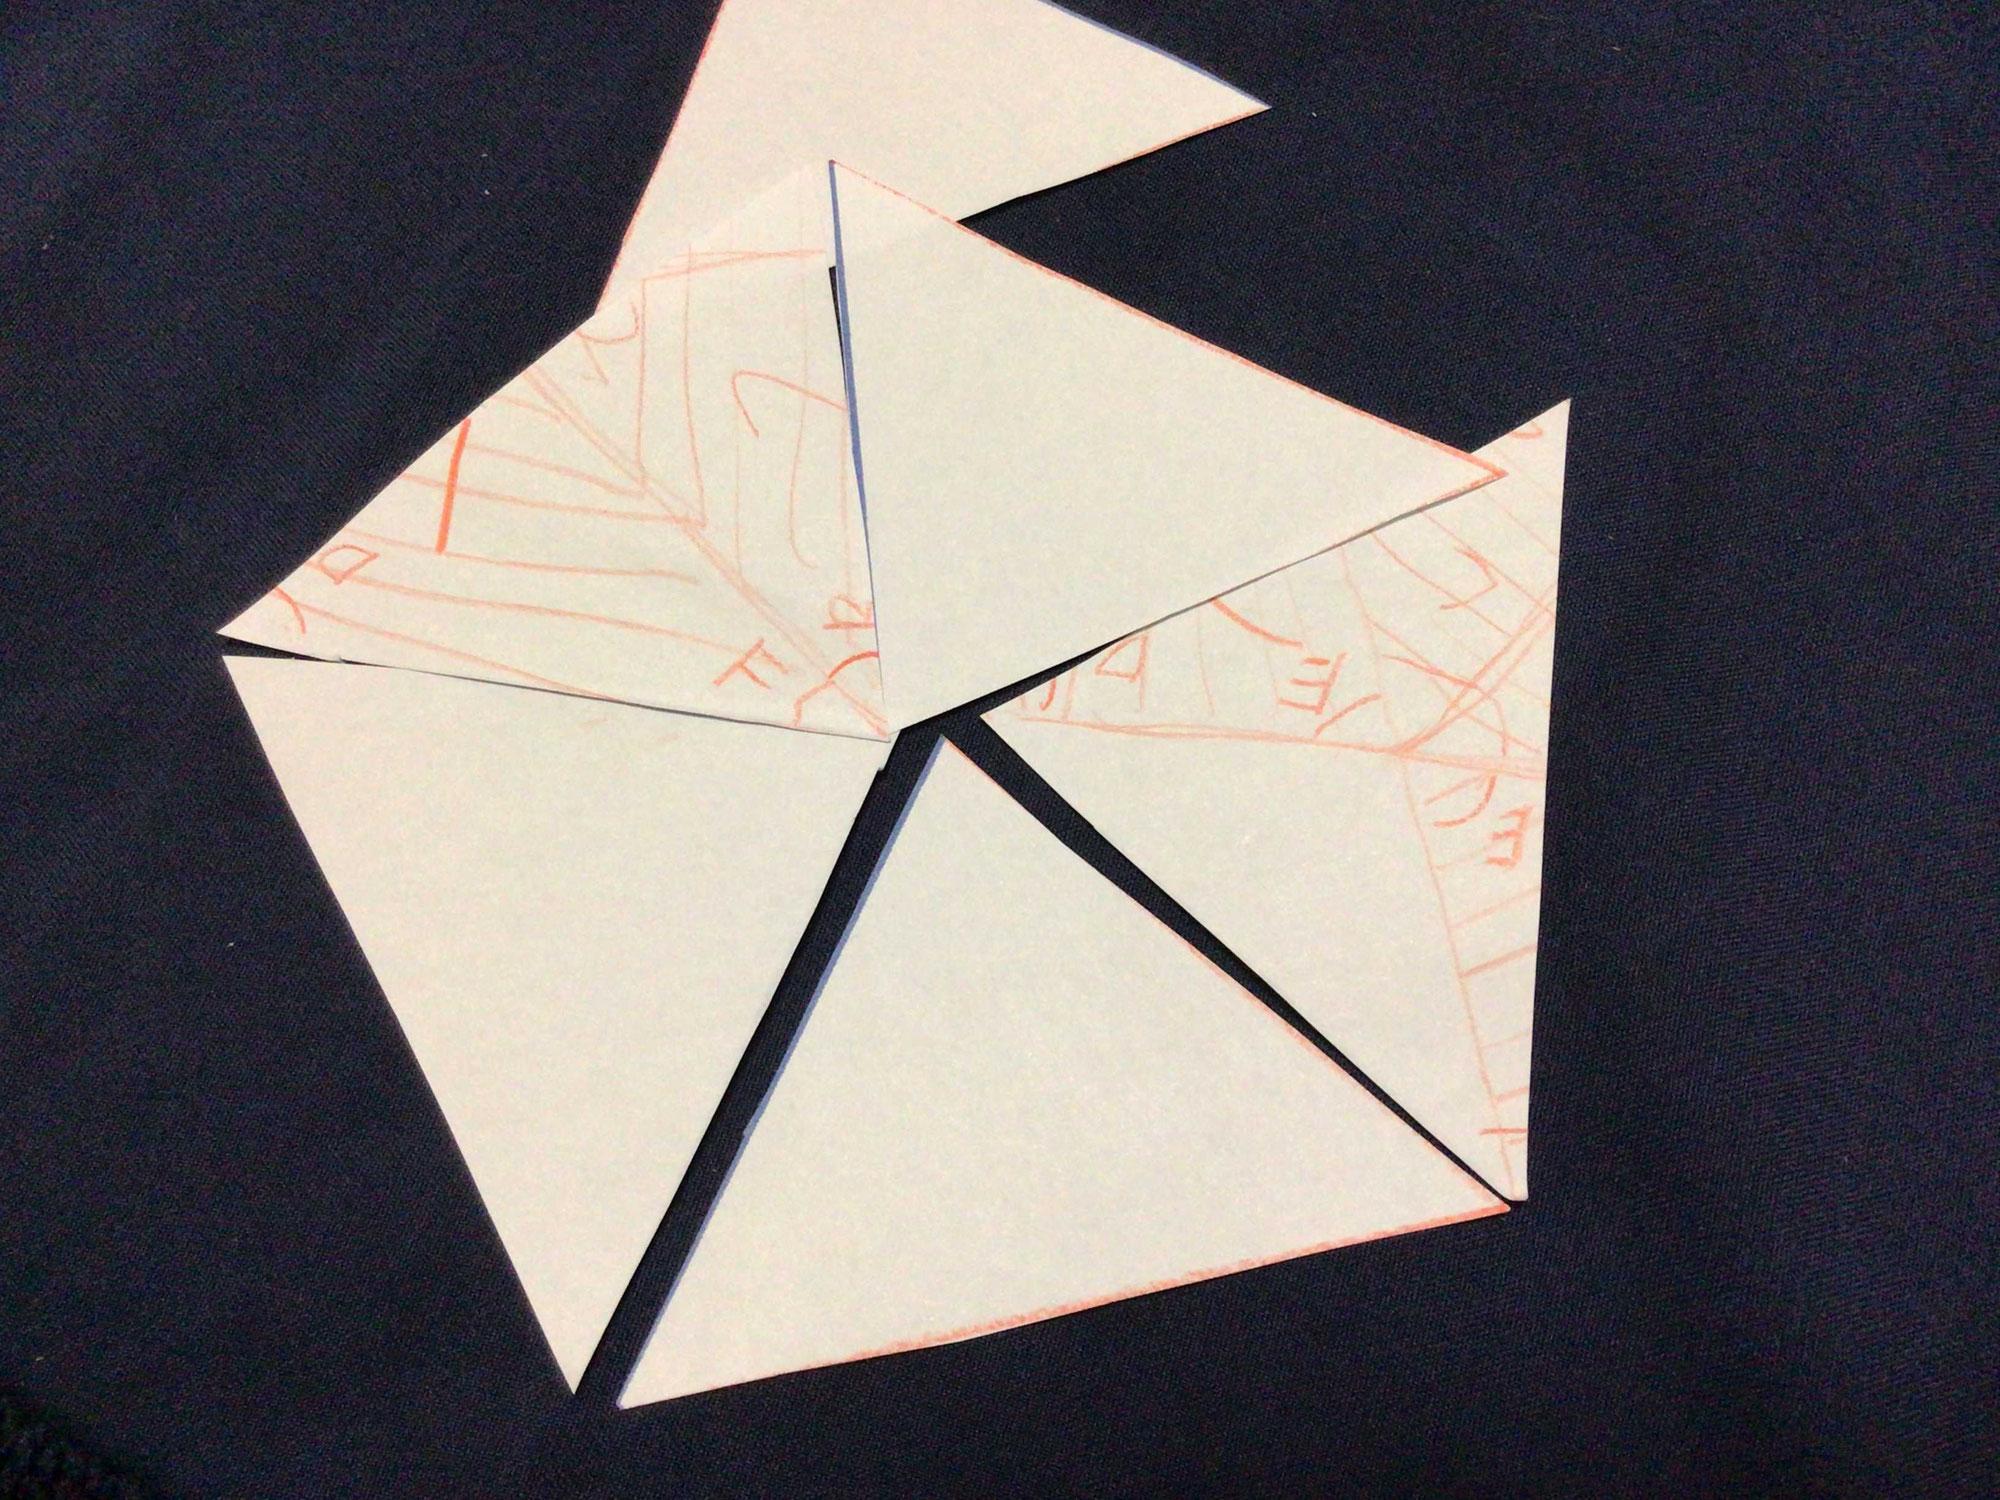 黄金三角形のパズル(中学生)